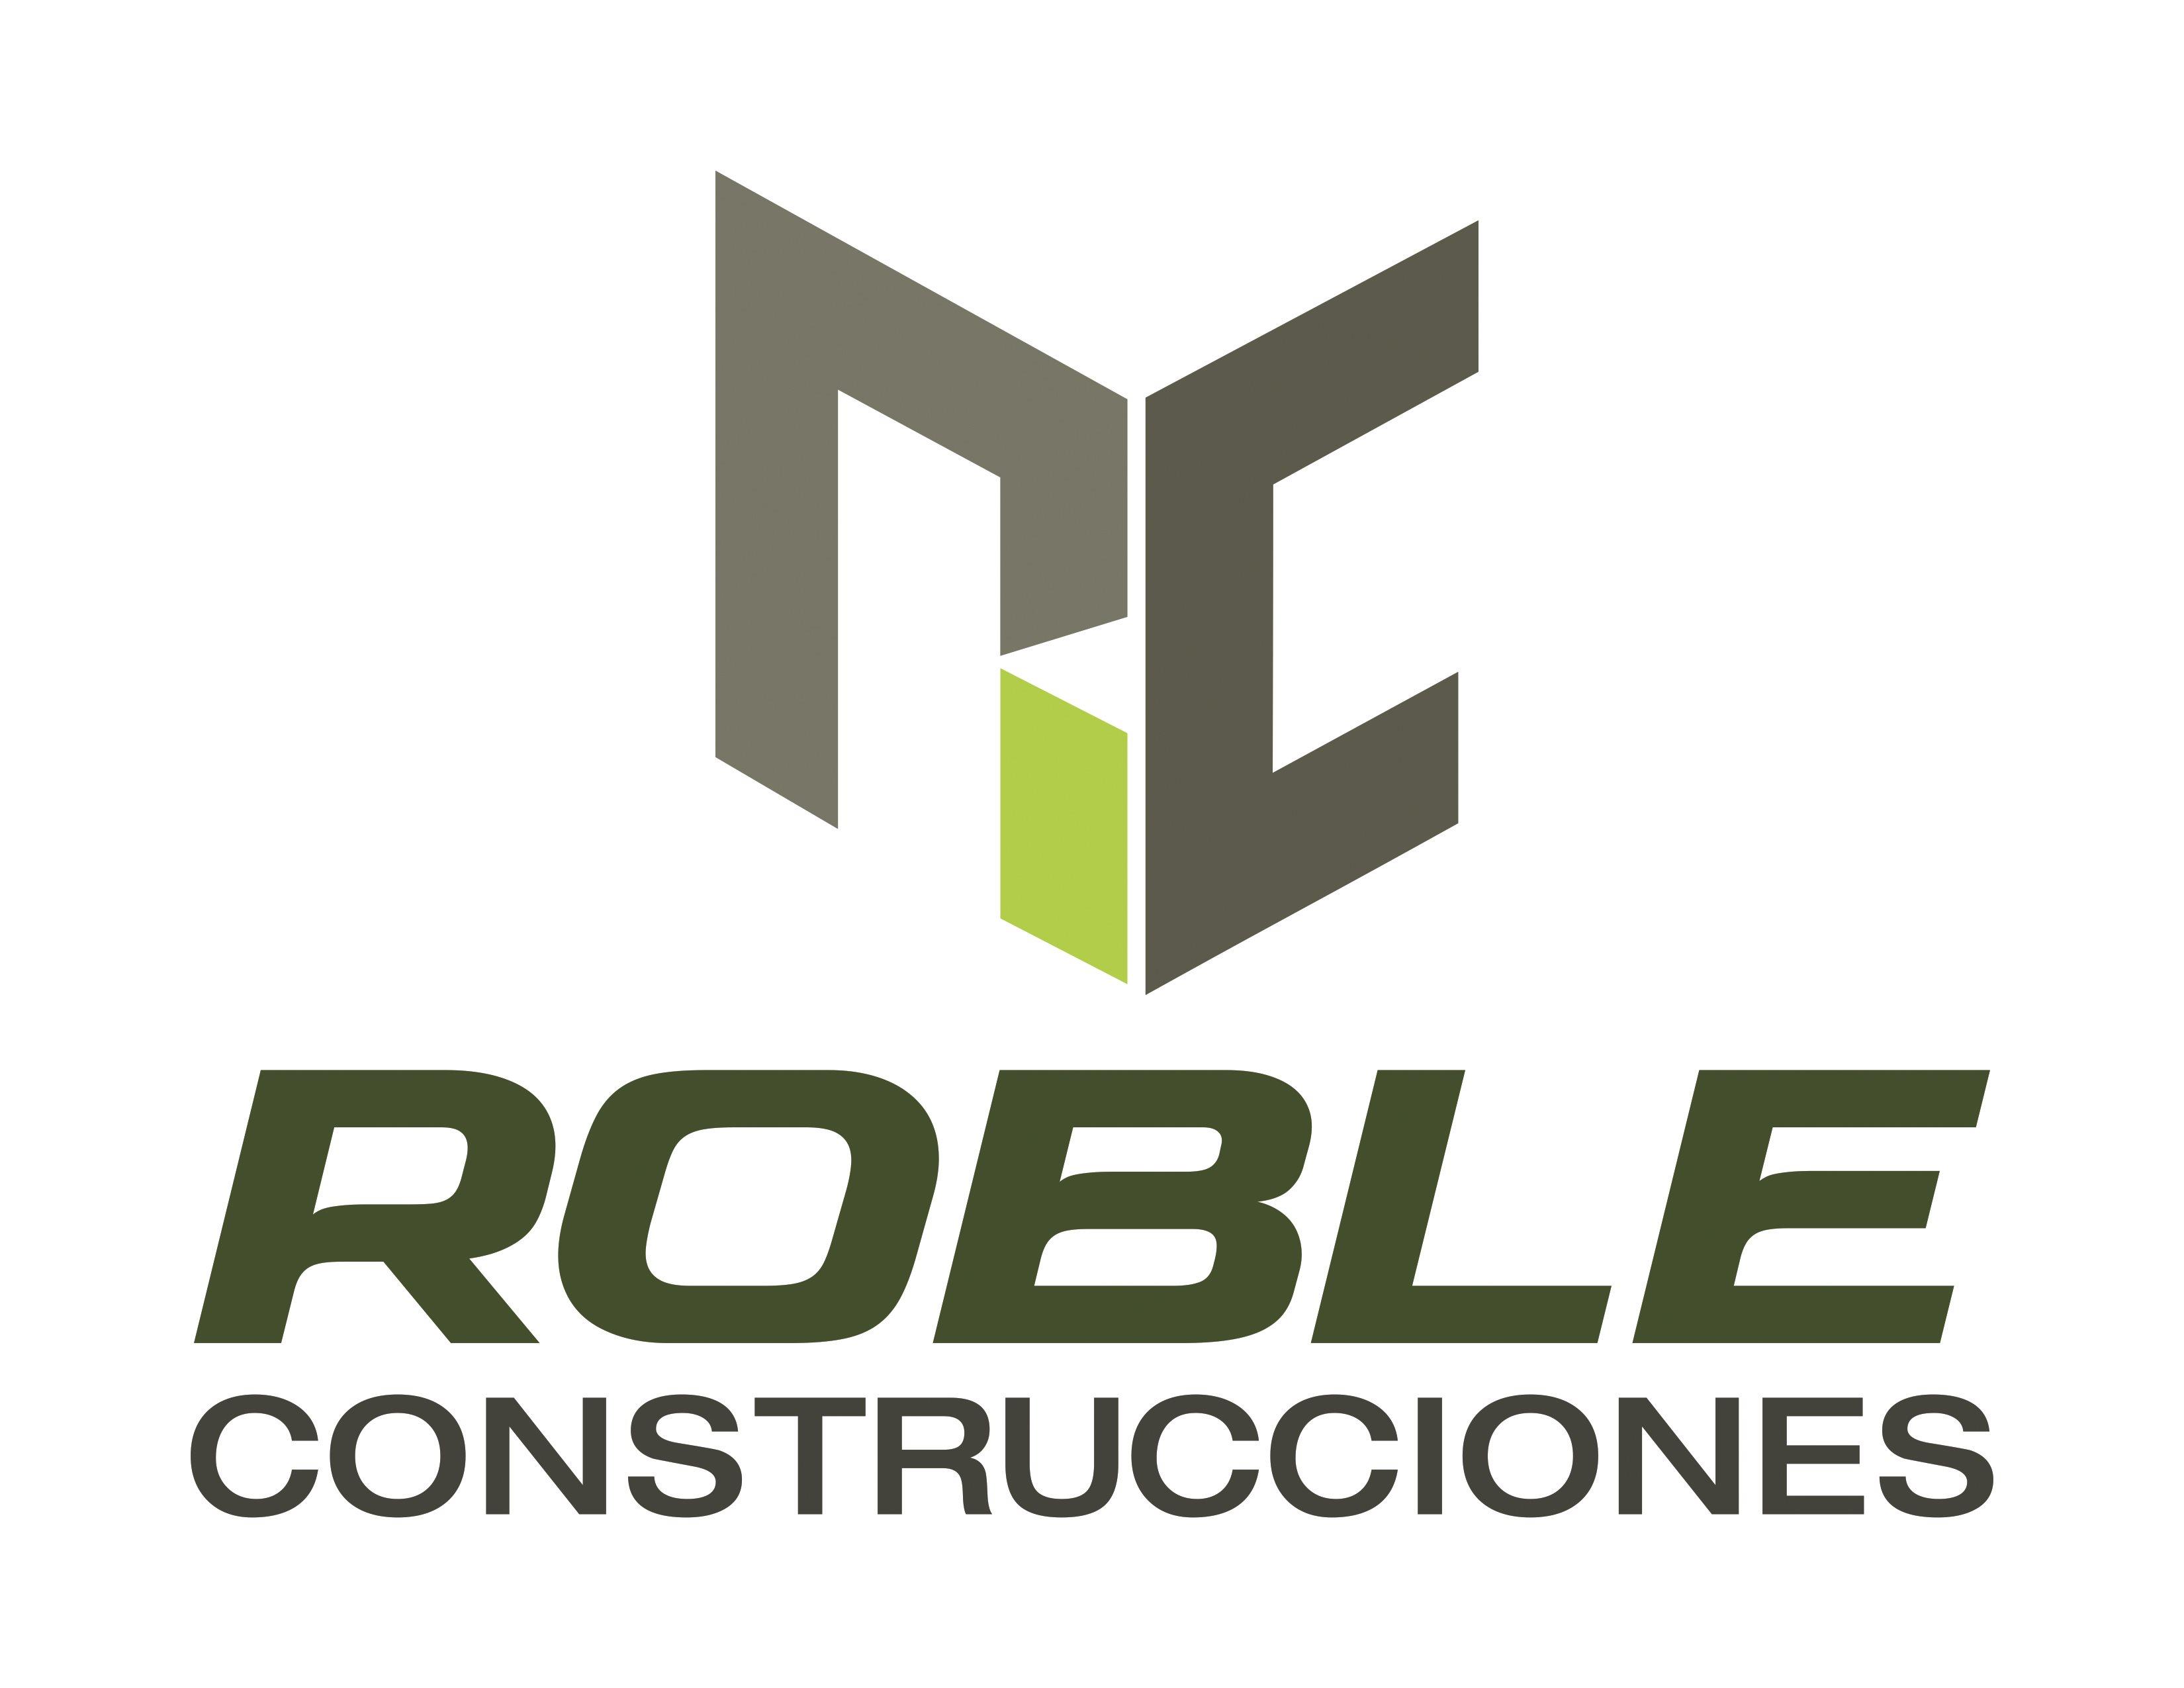 Acerca de roble construcciones computrabajo colombia for Construccion empresa